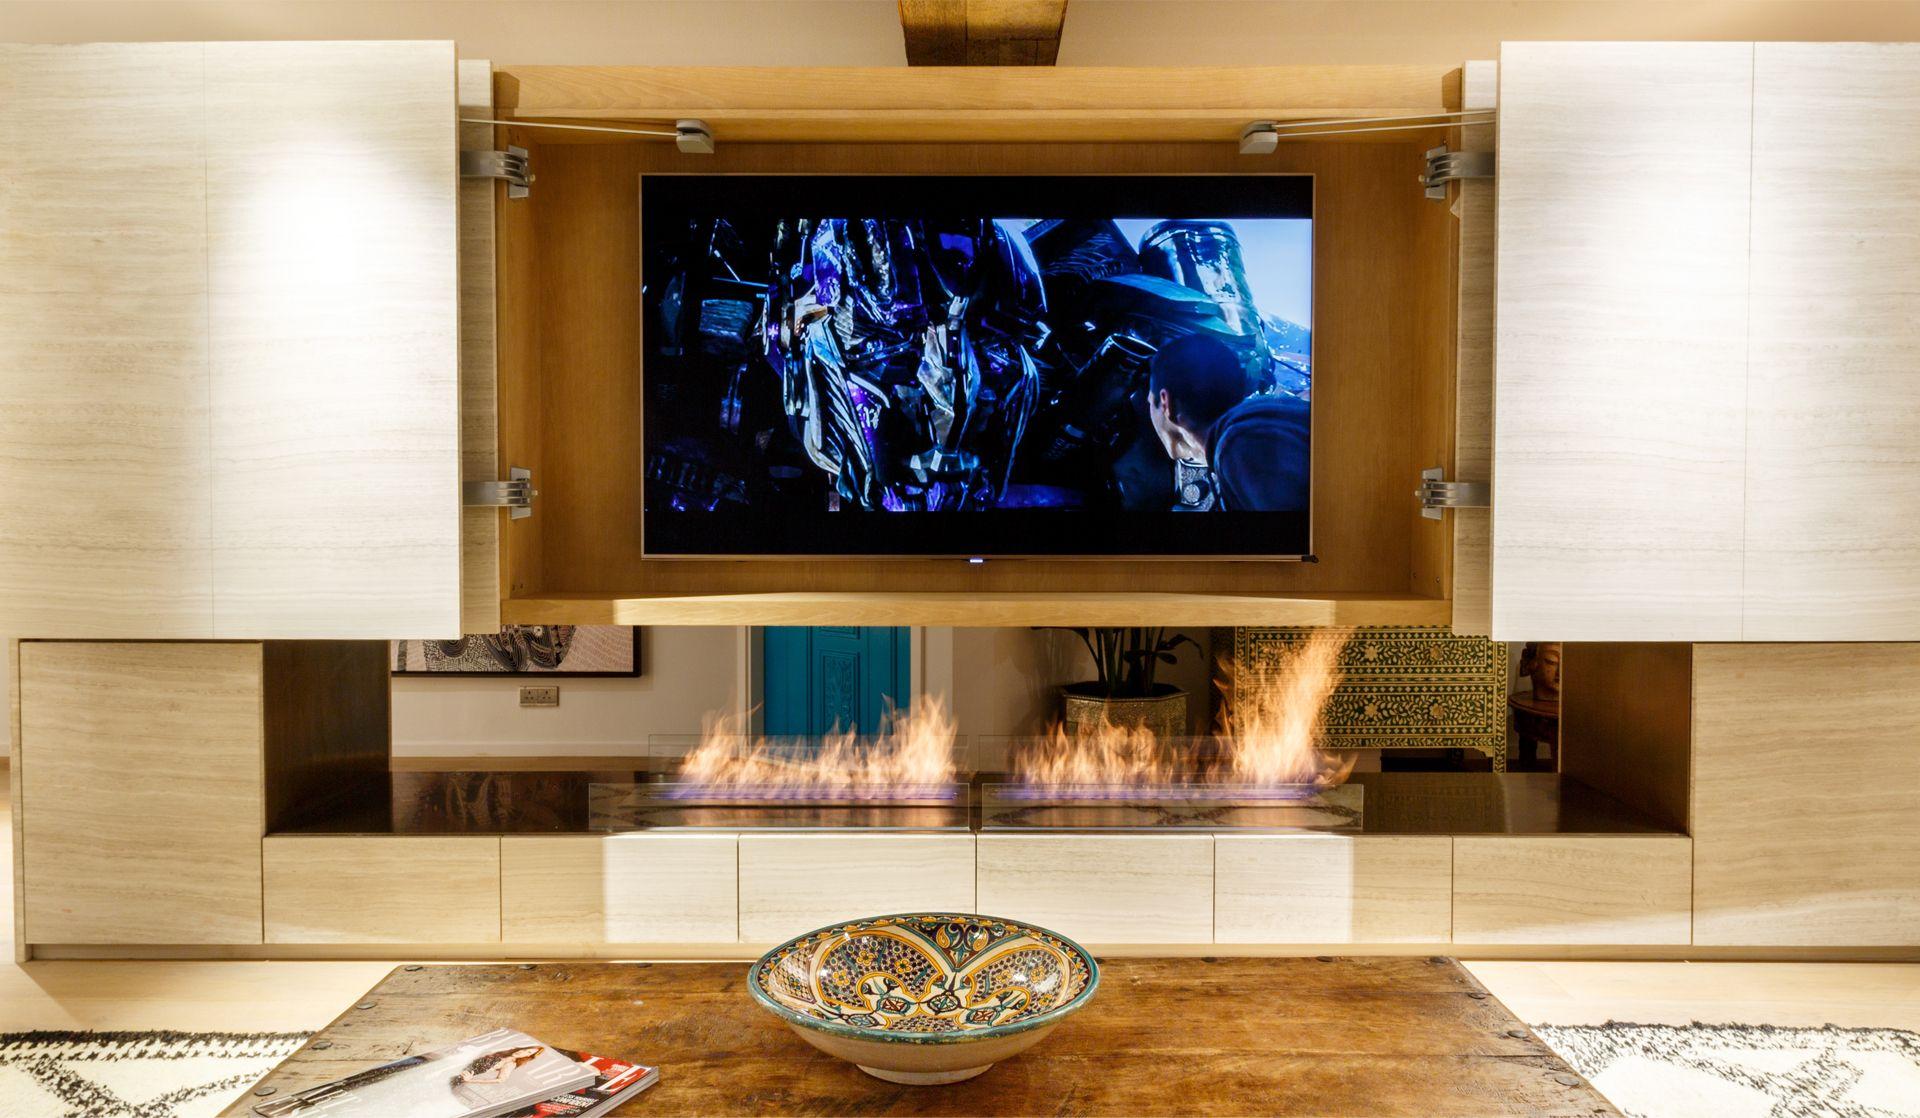 tv hidden behind | liquid project : moss art restaurant design